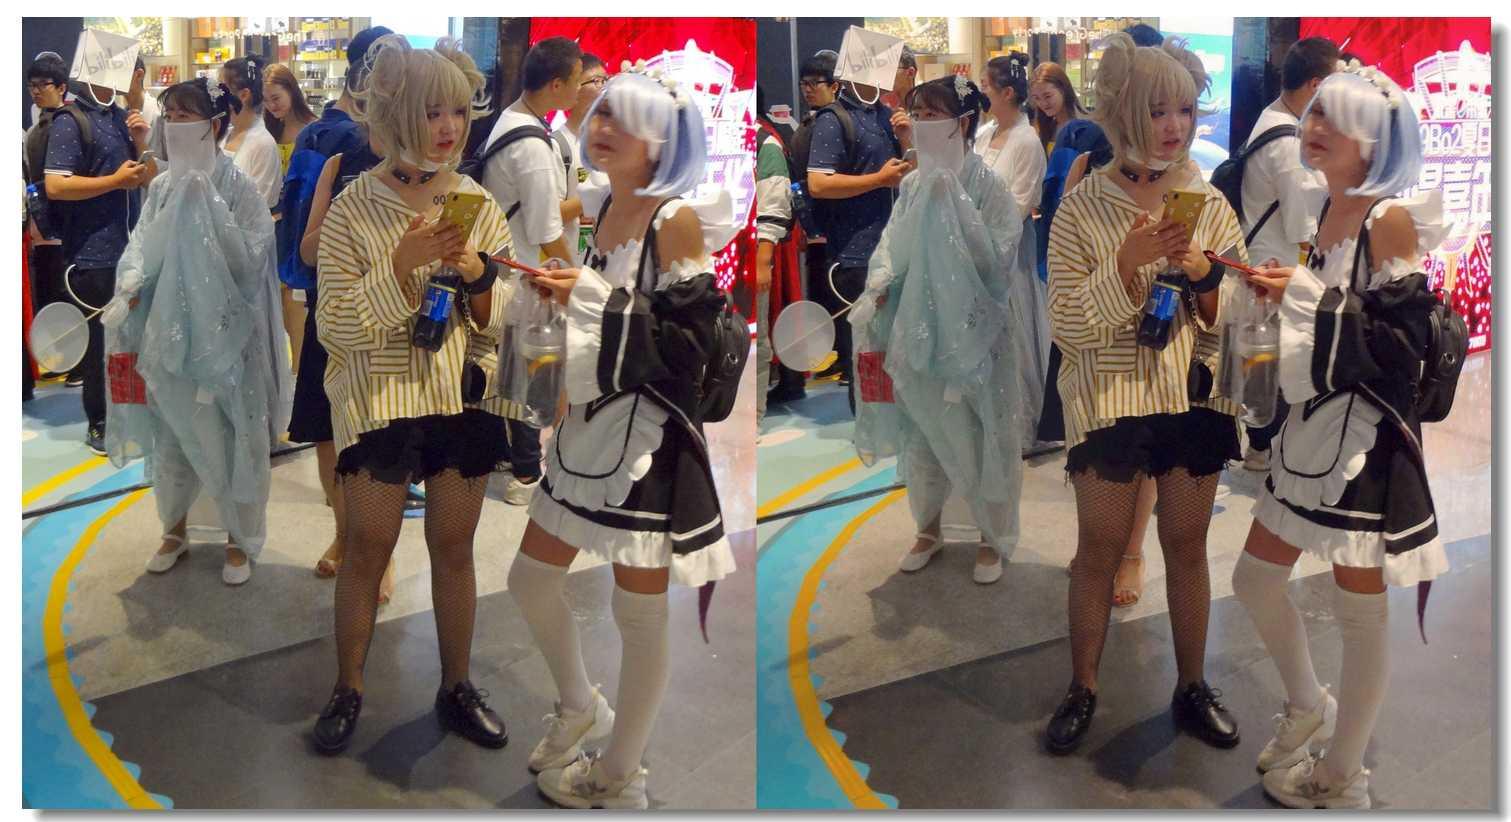 【原创】小美女和蒙面女 -1